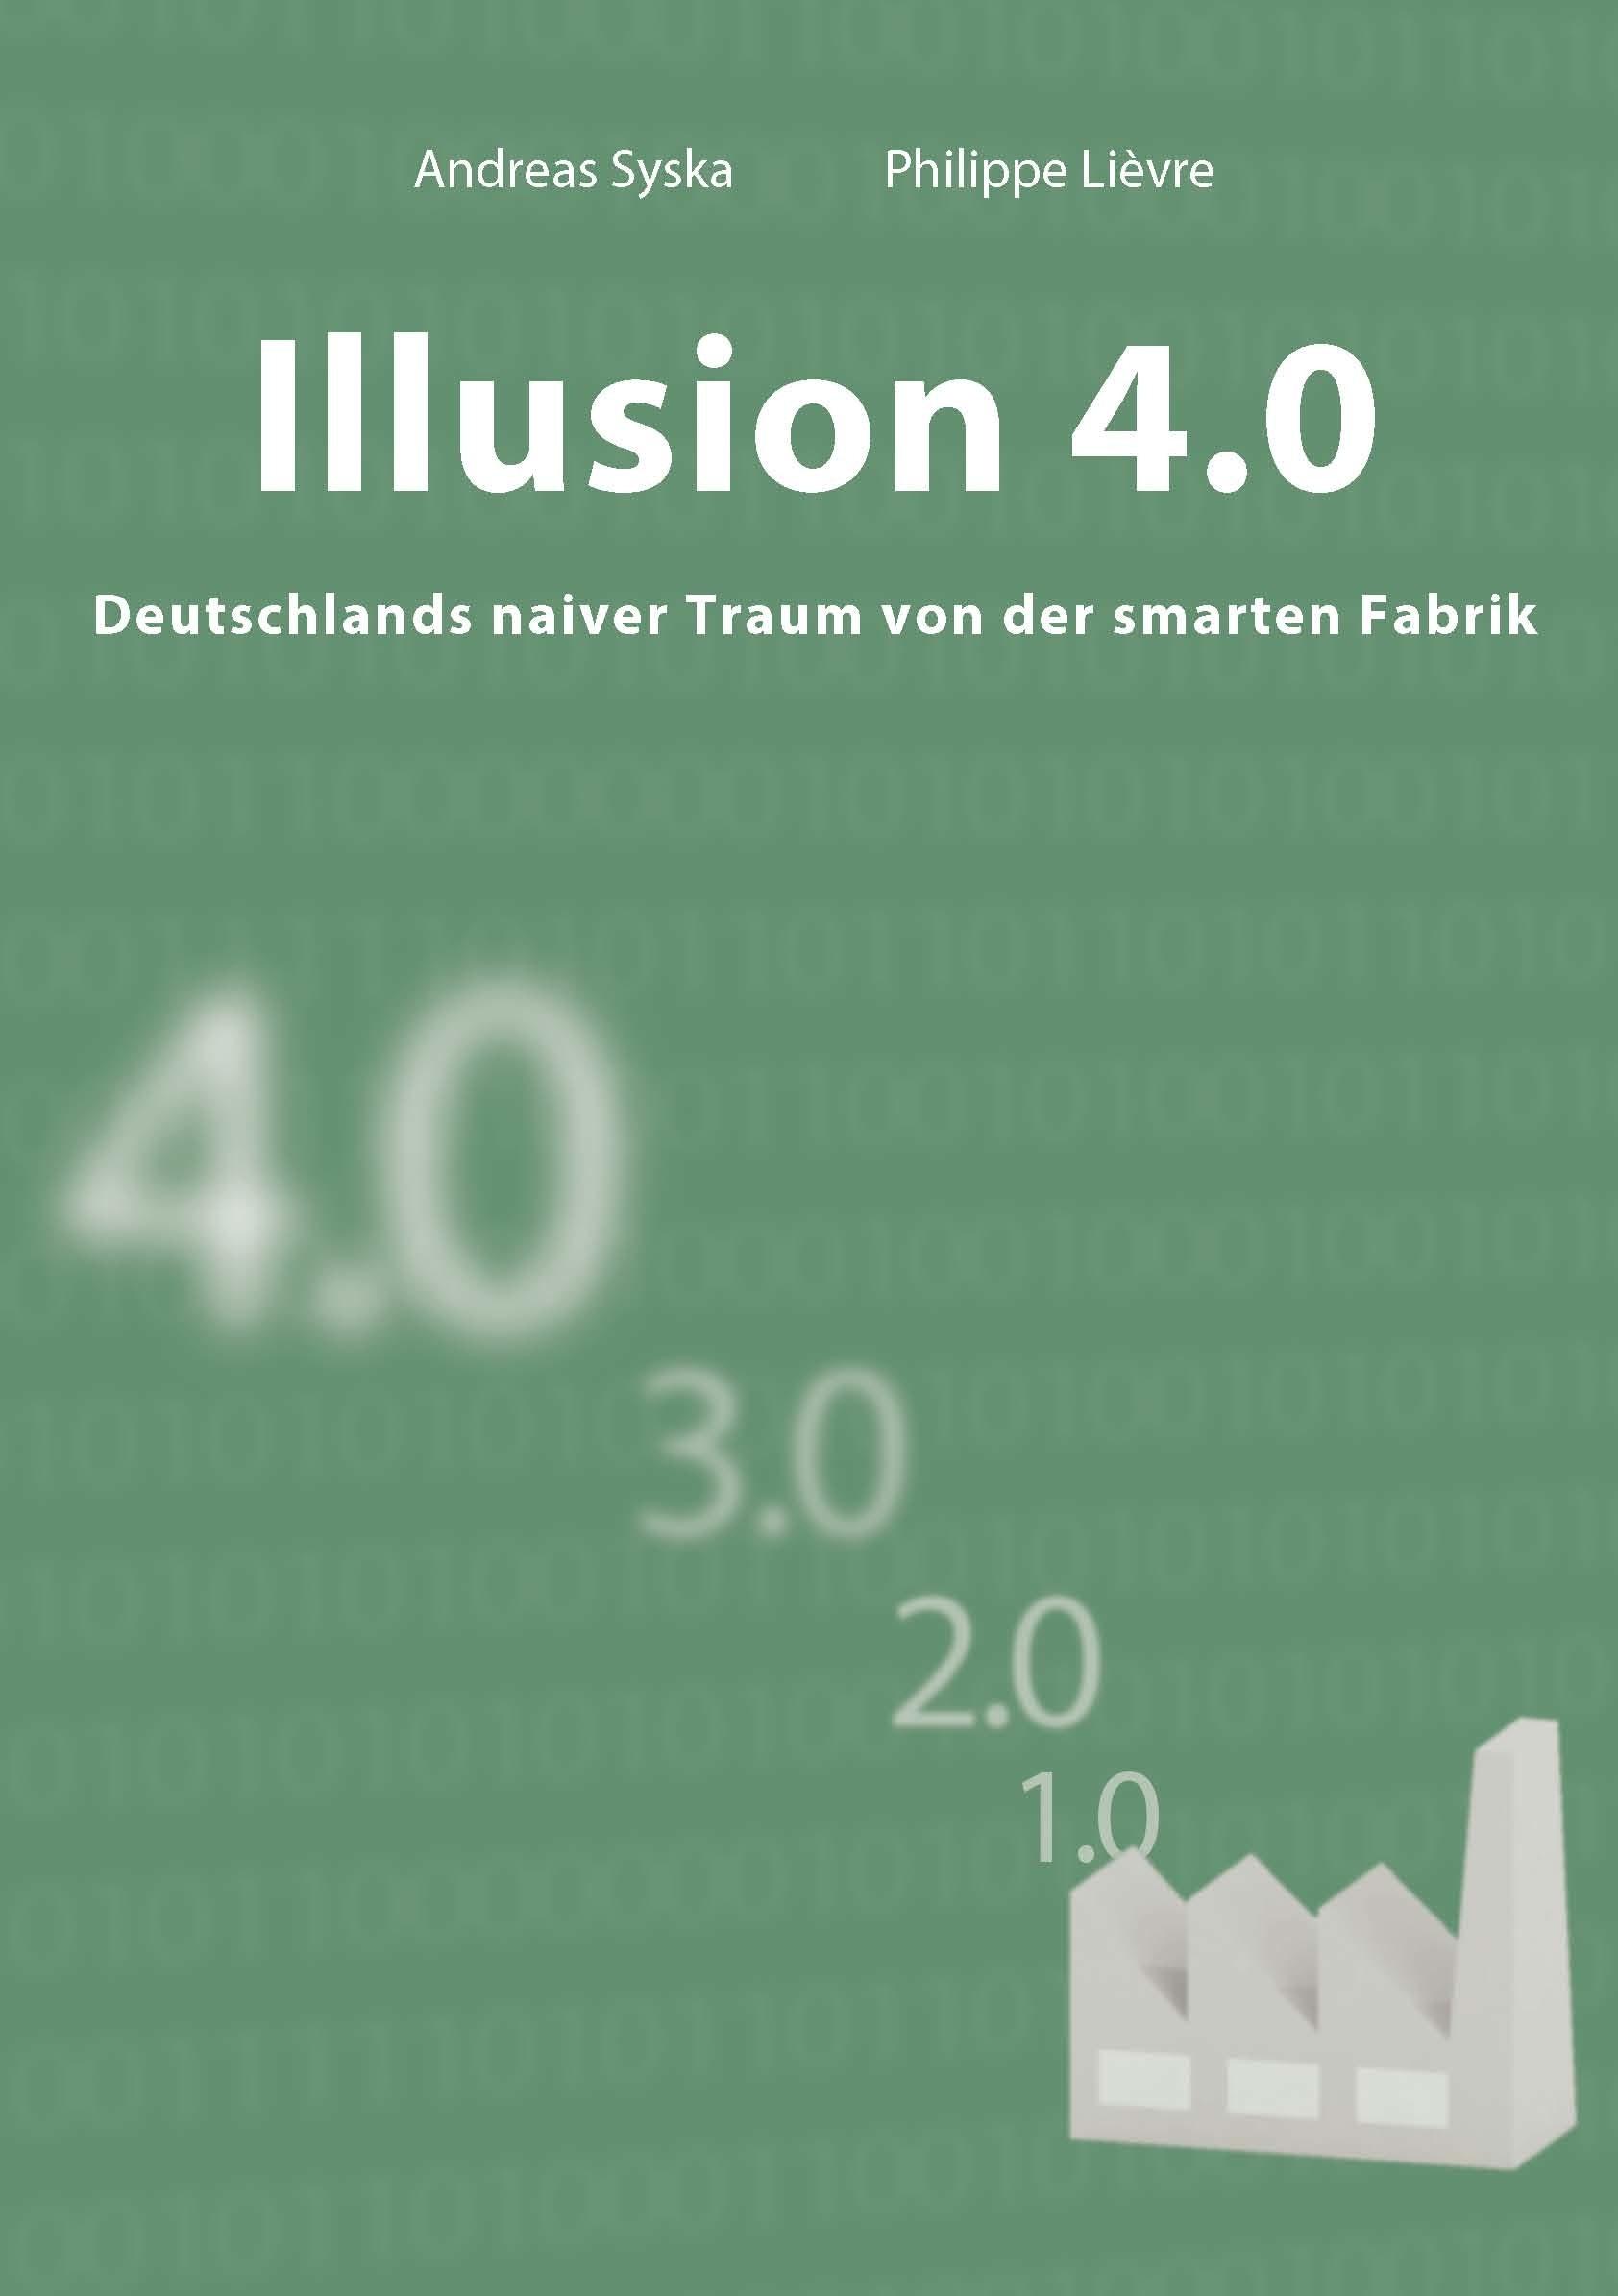 Illusion 4.0 – Der naive Traum von der smarten Fabrik